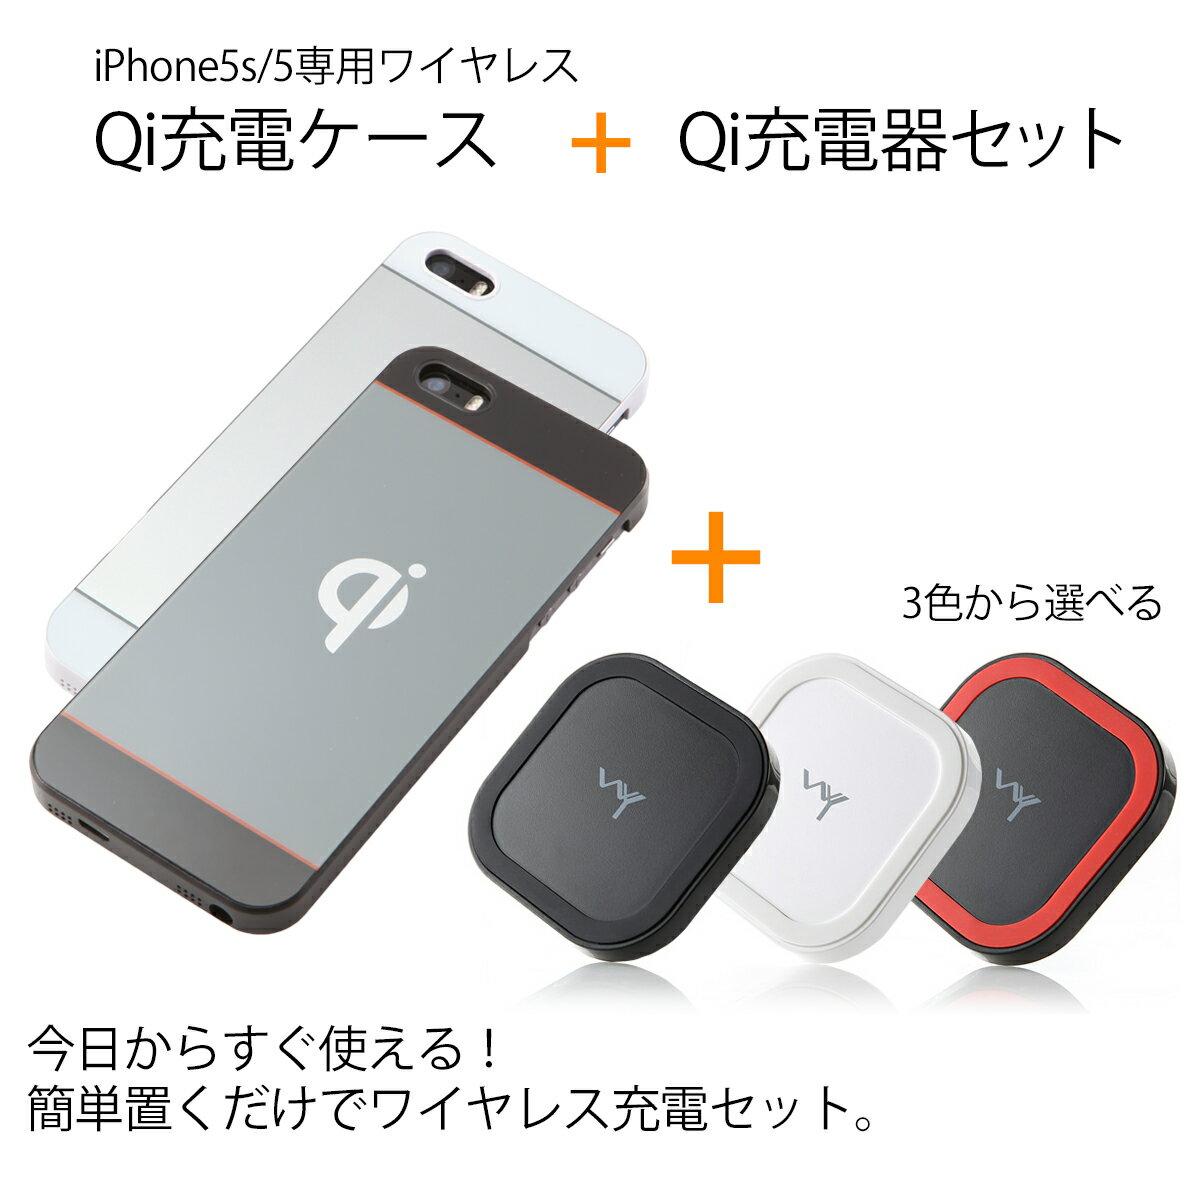 WY [セット商品]iPhone SE 5 5s専用 Qiワイヤレス充電ケース × Qiワイヤレス充電器 アイフォンが軽量スリムのまま チャージングレシーバー iPhoneも置くだけで充電できる